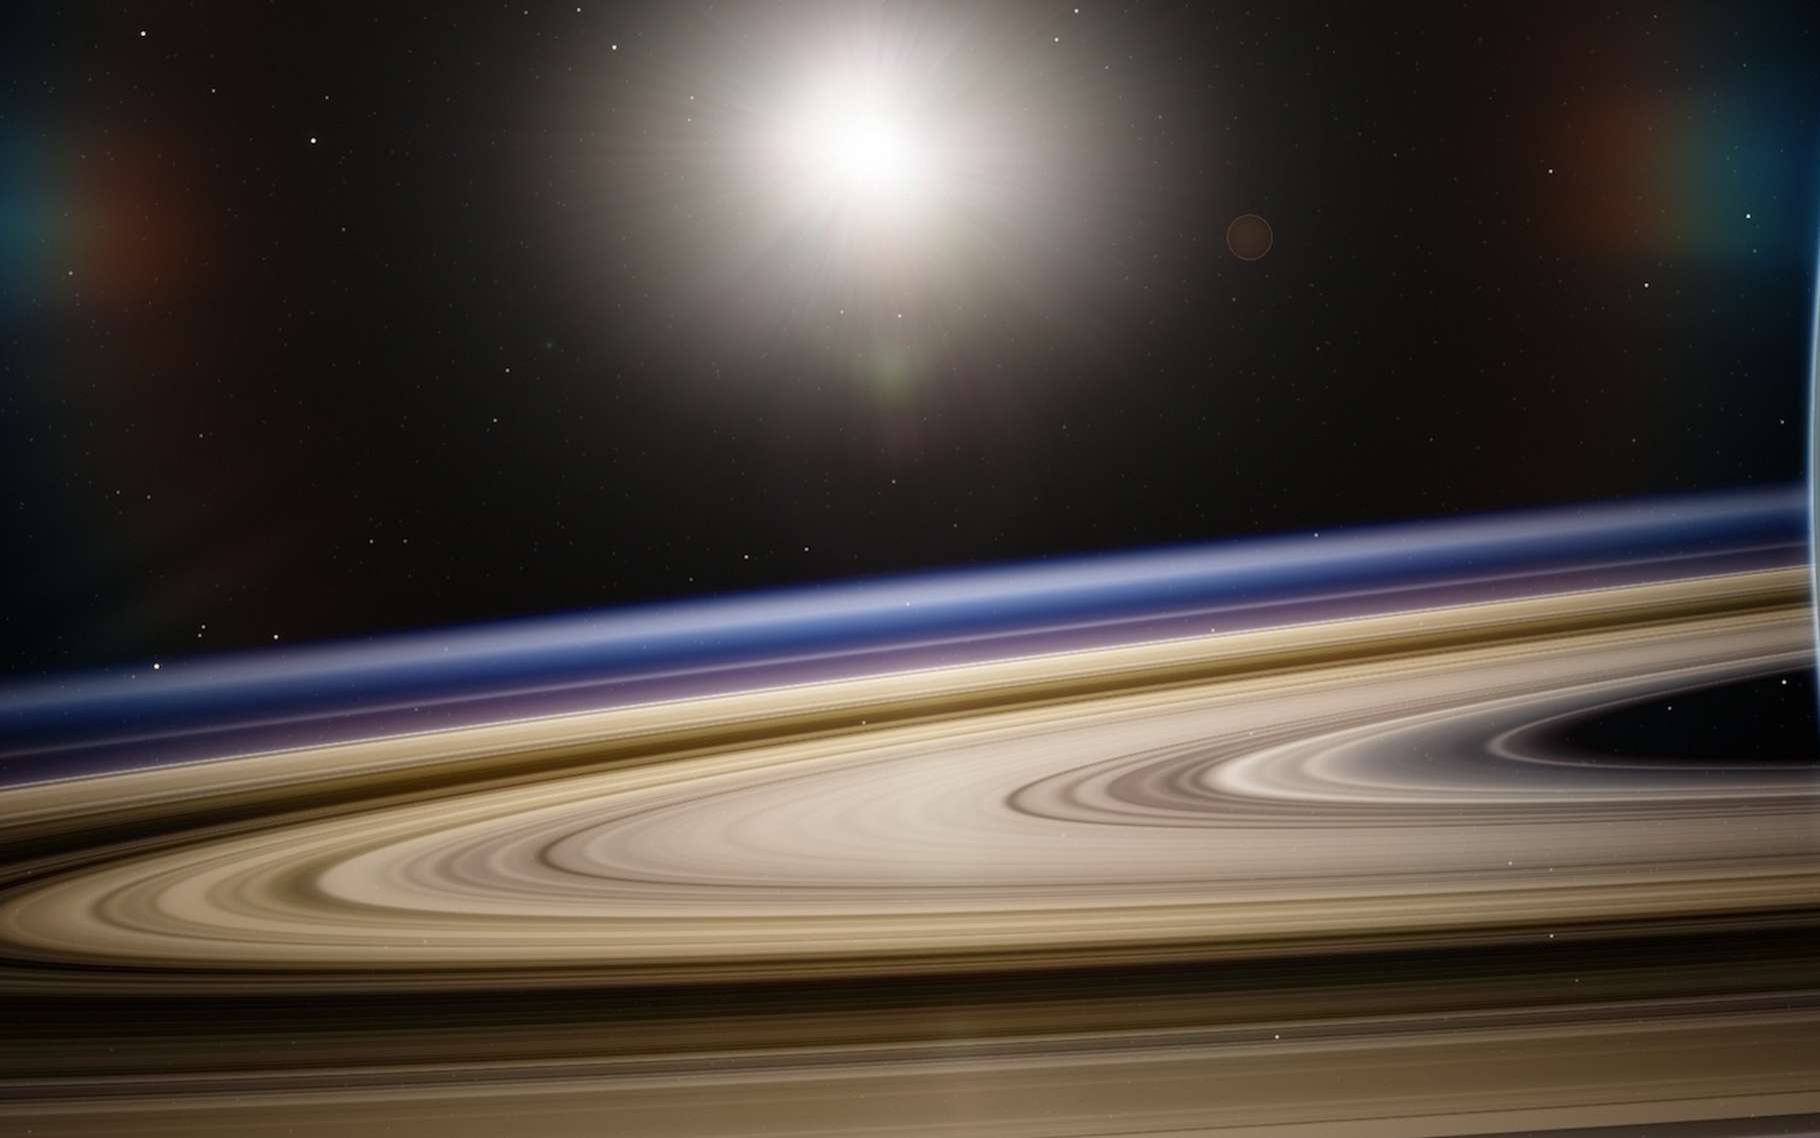 Selon la Nasa, Saturne est une intense source d'émissions radio. Quelques-unes de ces dernières ont été sélectionnées pour intégrer une compilation spécial Halloween de bruits venus de l'espace. © flflflflfl, Pixabay, CC0